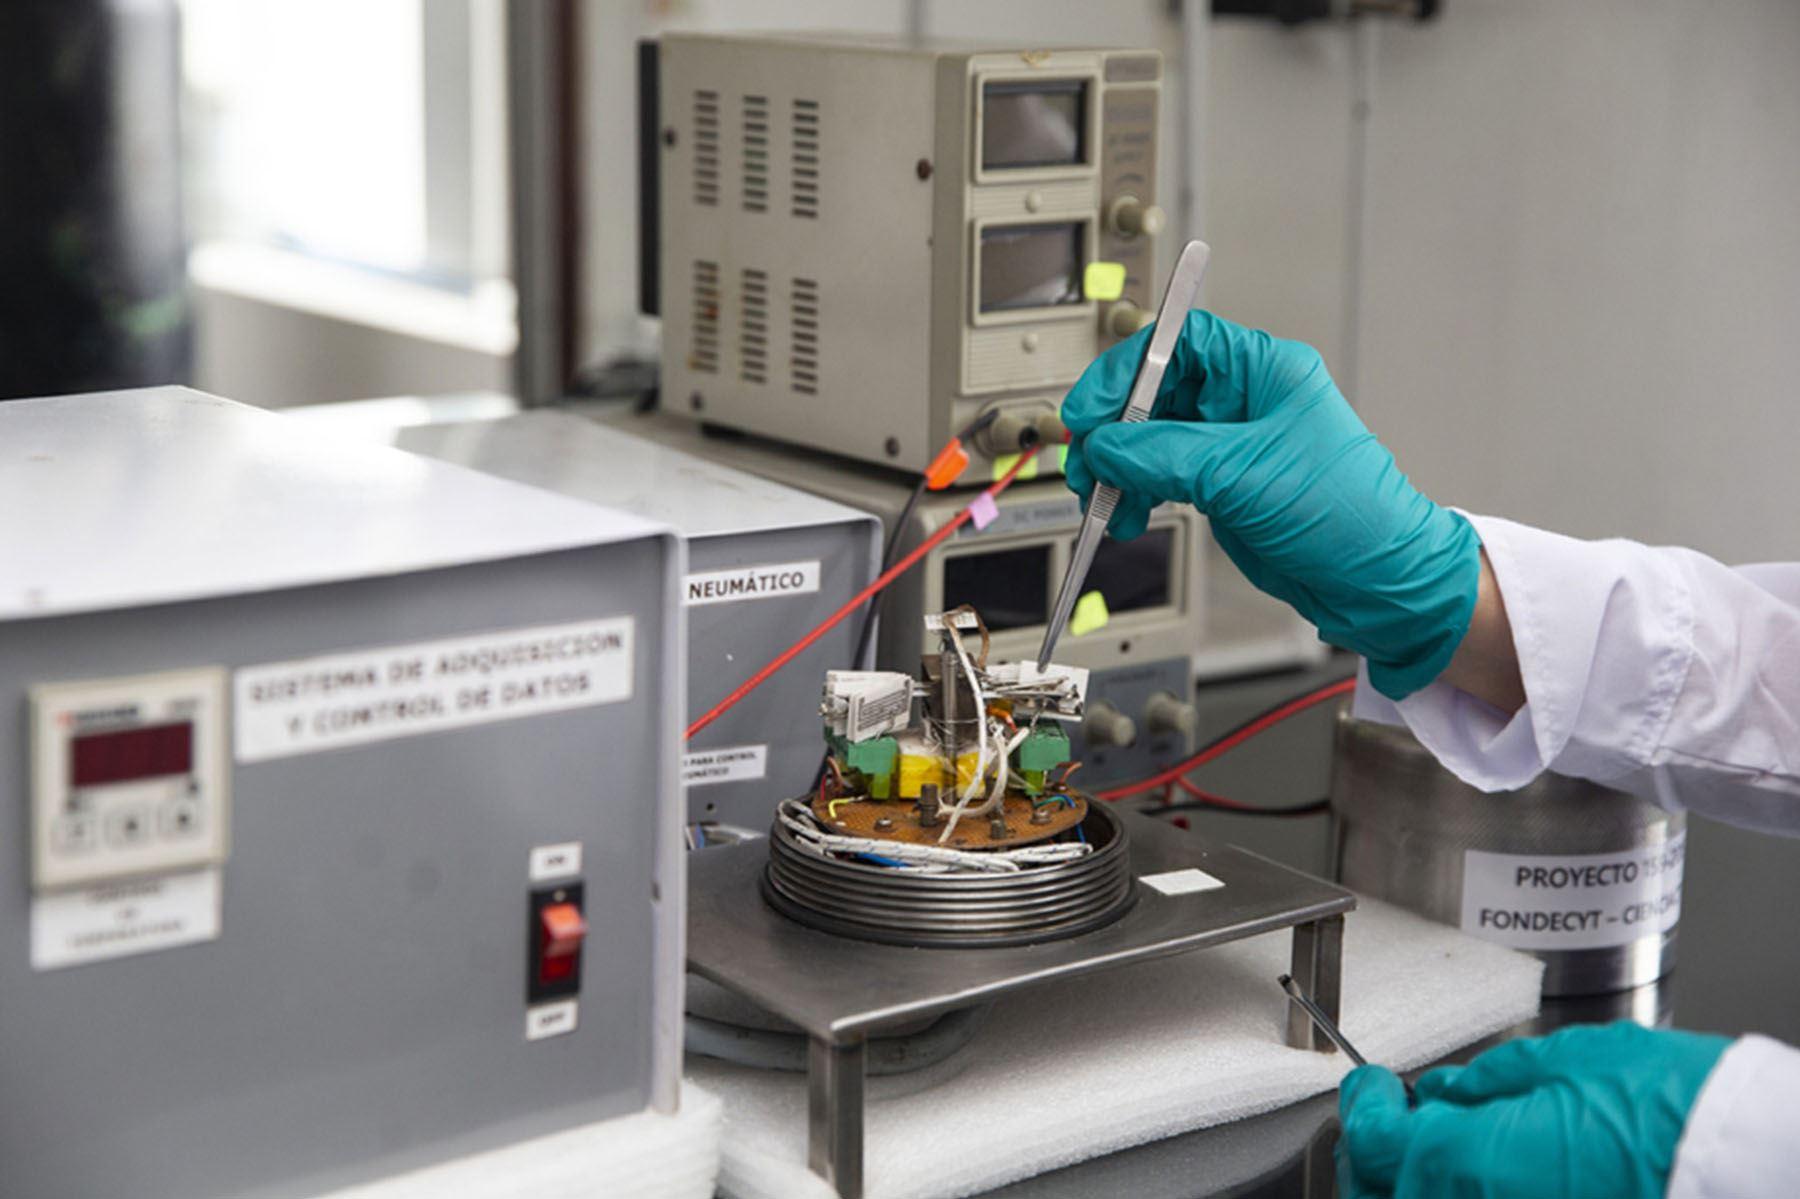 La nariz electrónica permite la detección de diversos componentes volátiles que forman parte del aroma de alimentos, bebidas o de un determinado compuesto.(Fotos: PUCP)